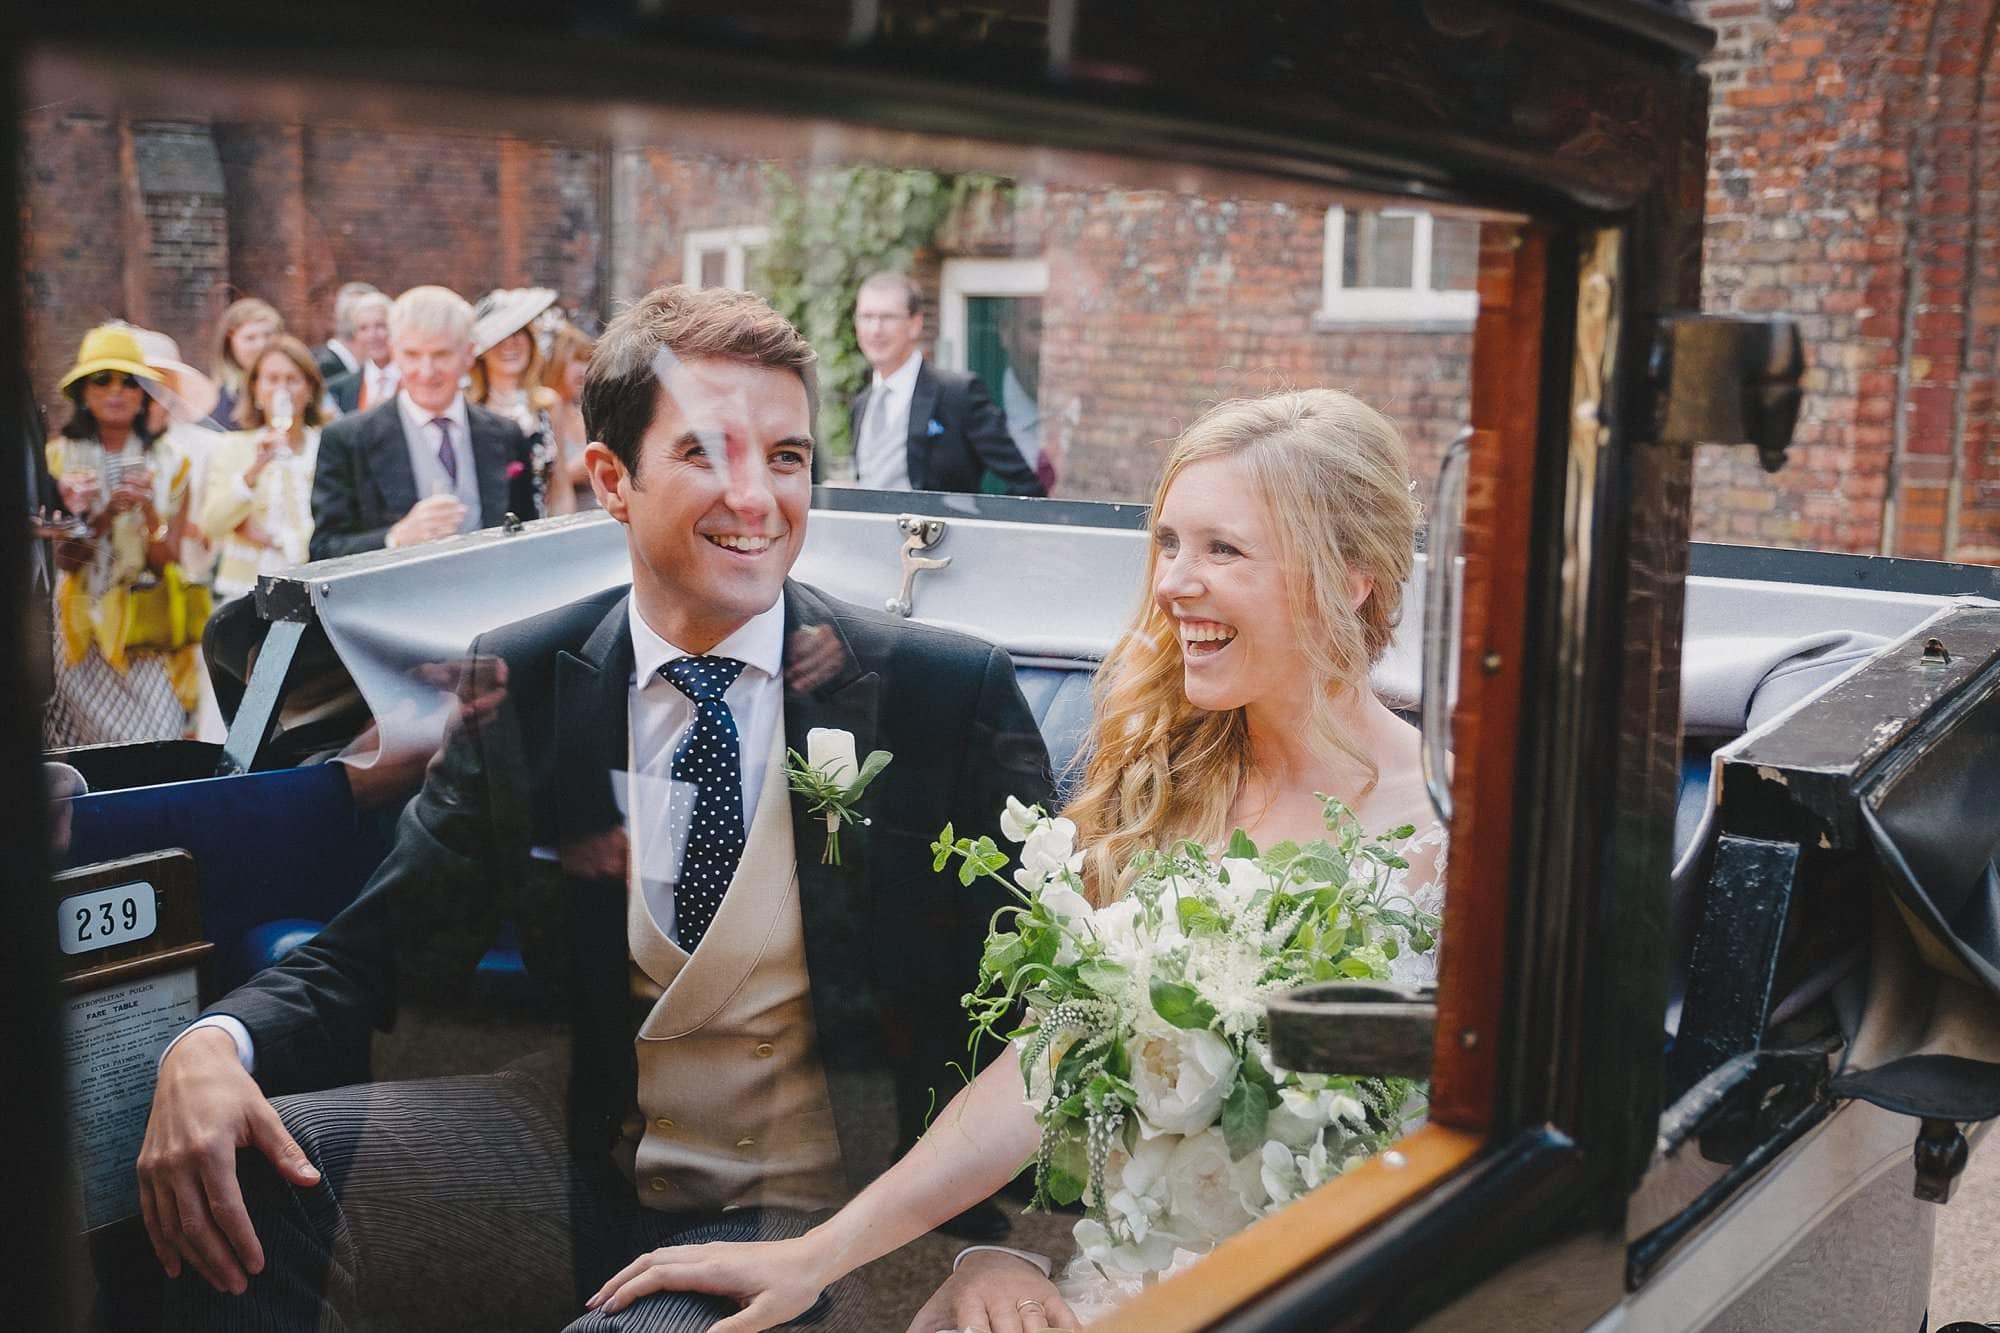 fulham palace wedding photographer 051 - Rosanna & Duncan's Fulham Palace Wedding